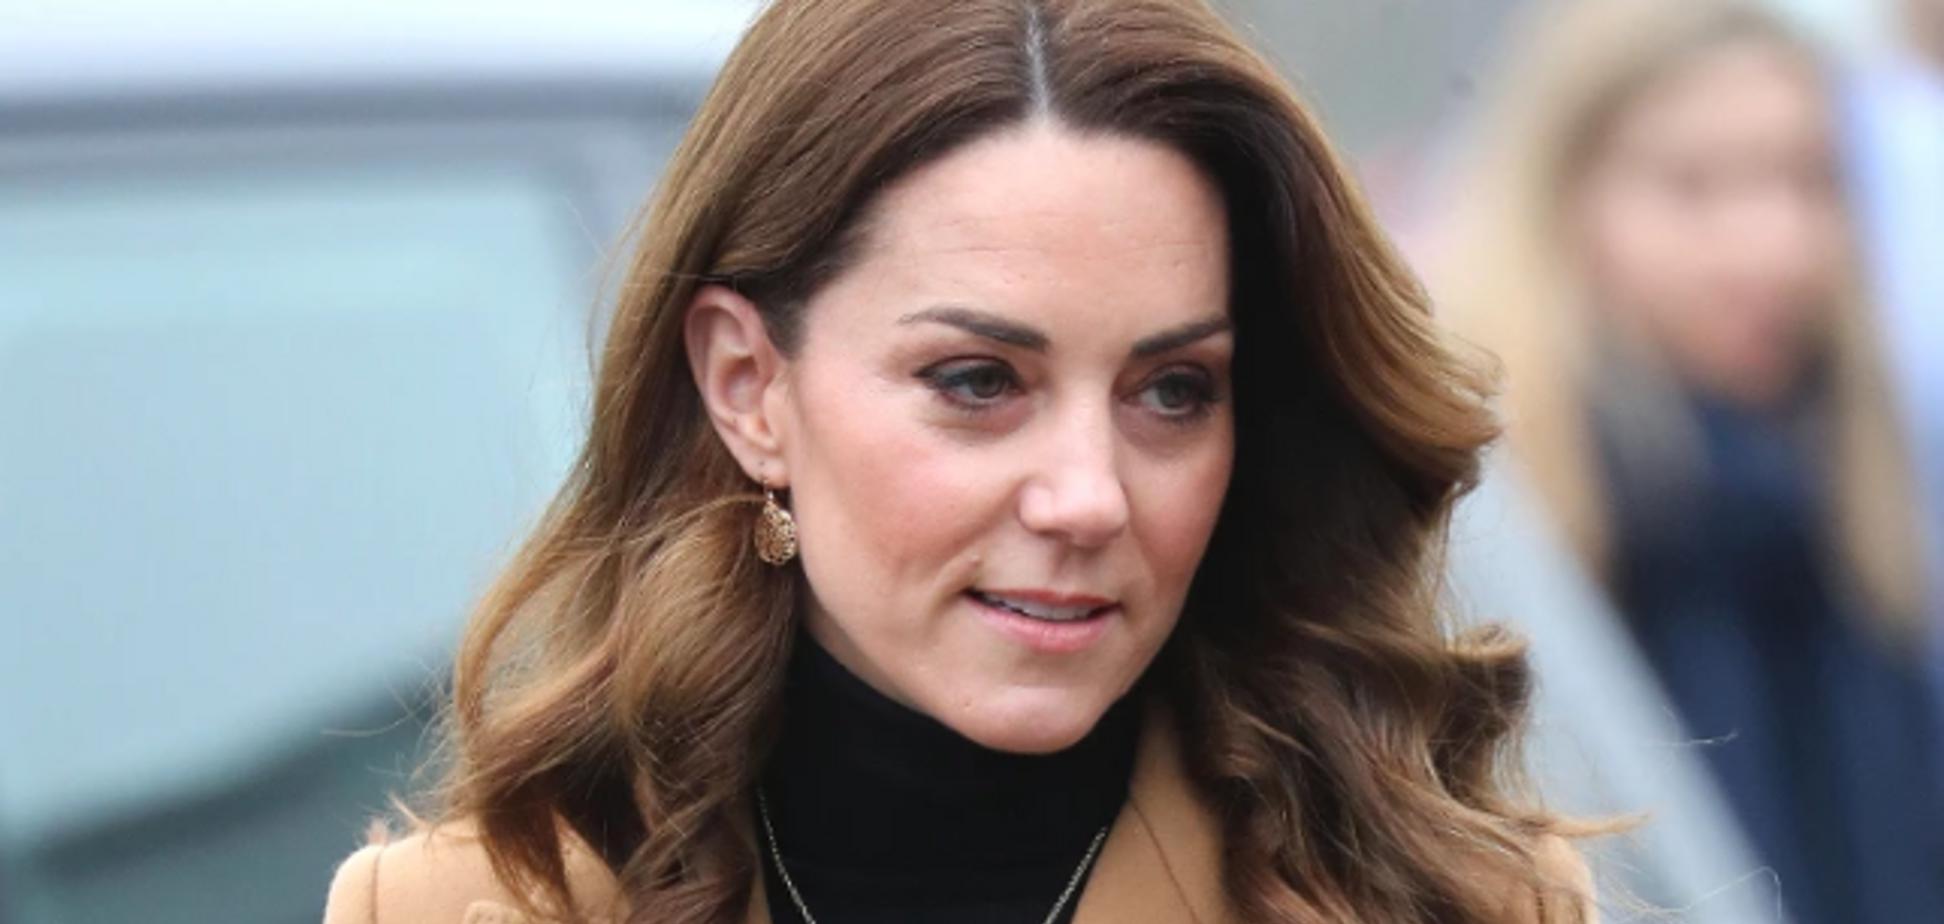 Кейт Міддлтон подає в суд на відомий журнал: що сталося